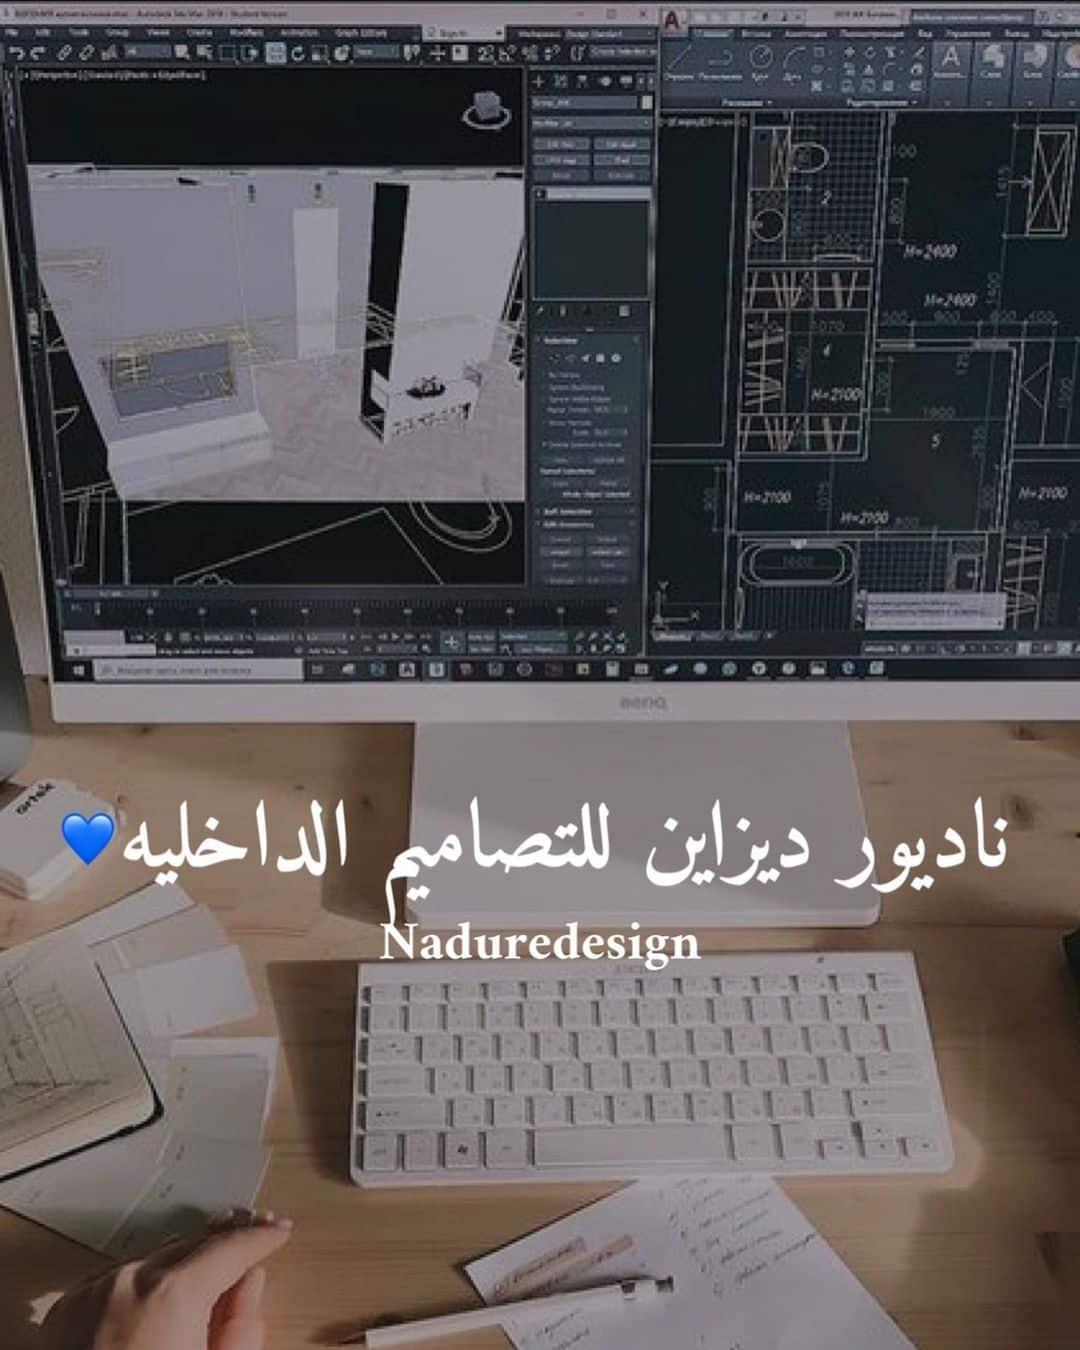 . ناديور ديزاين    متخصصين بالتصميم والتنفيذ التصميم لجميع مناطق المملكه  والتنف…